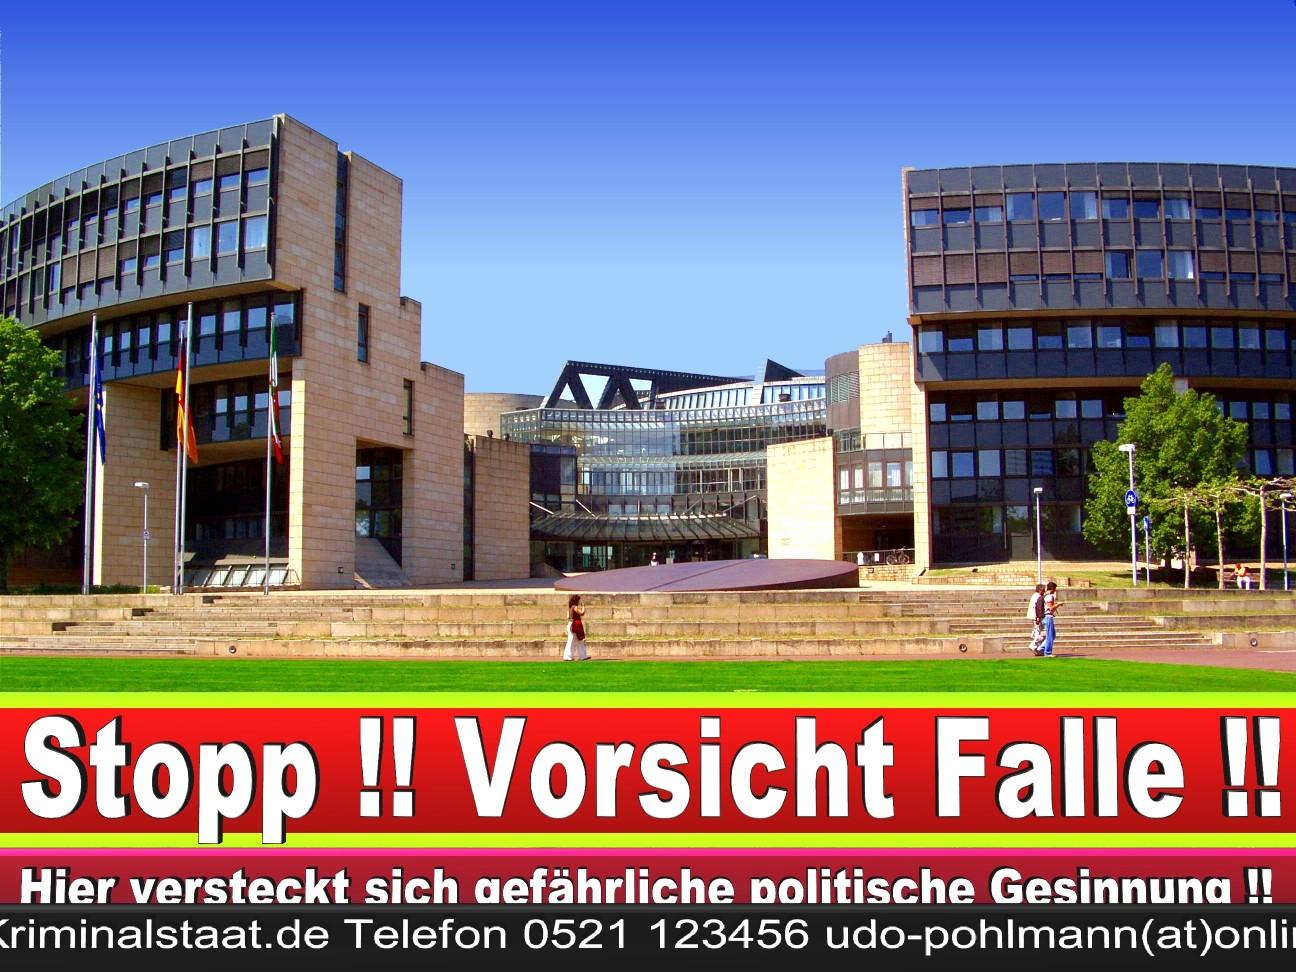 Landtag Innenministerium NRW Karte Fotos Bilder Bannmeile CDU SPD FDP Piratenpartei (2)